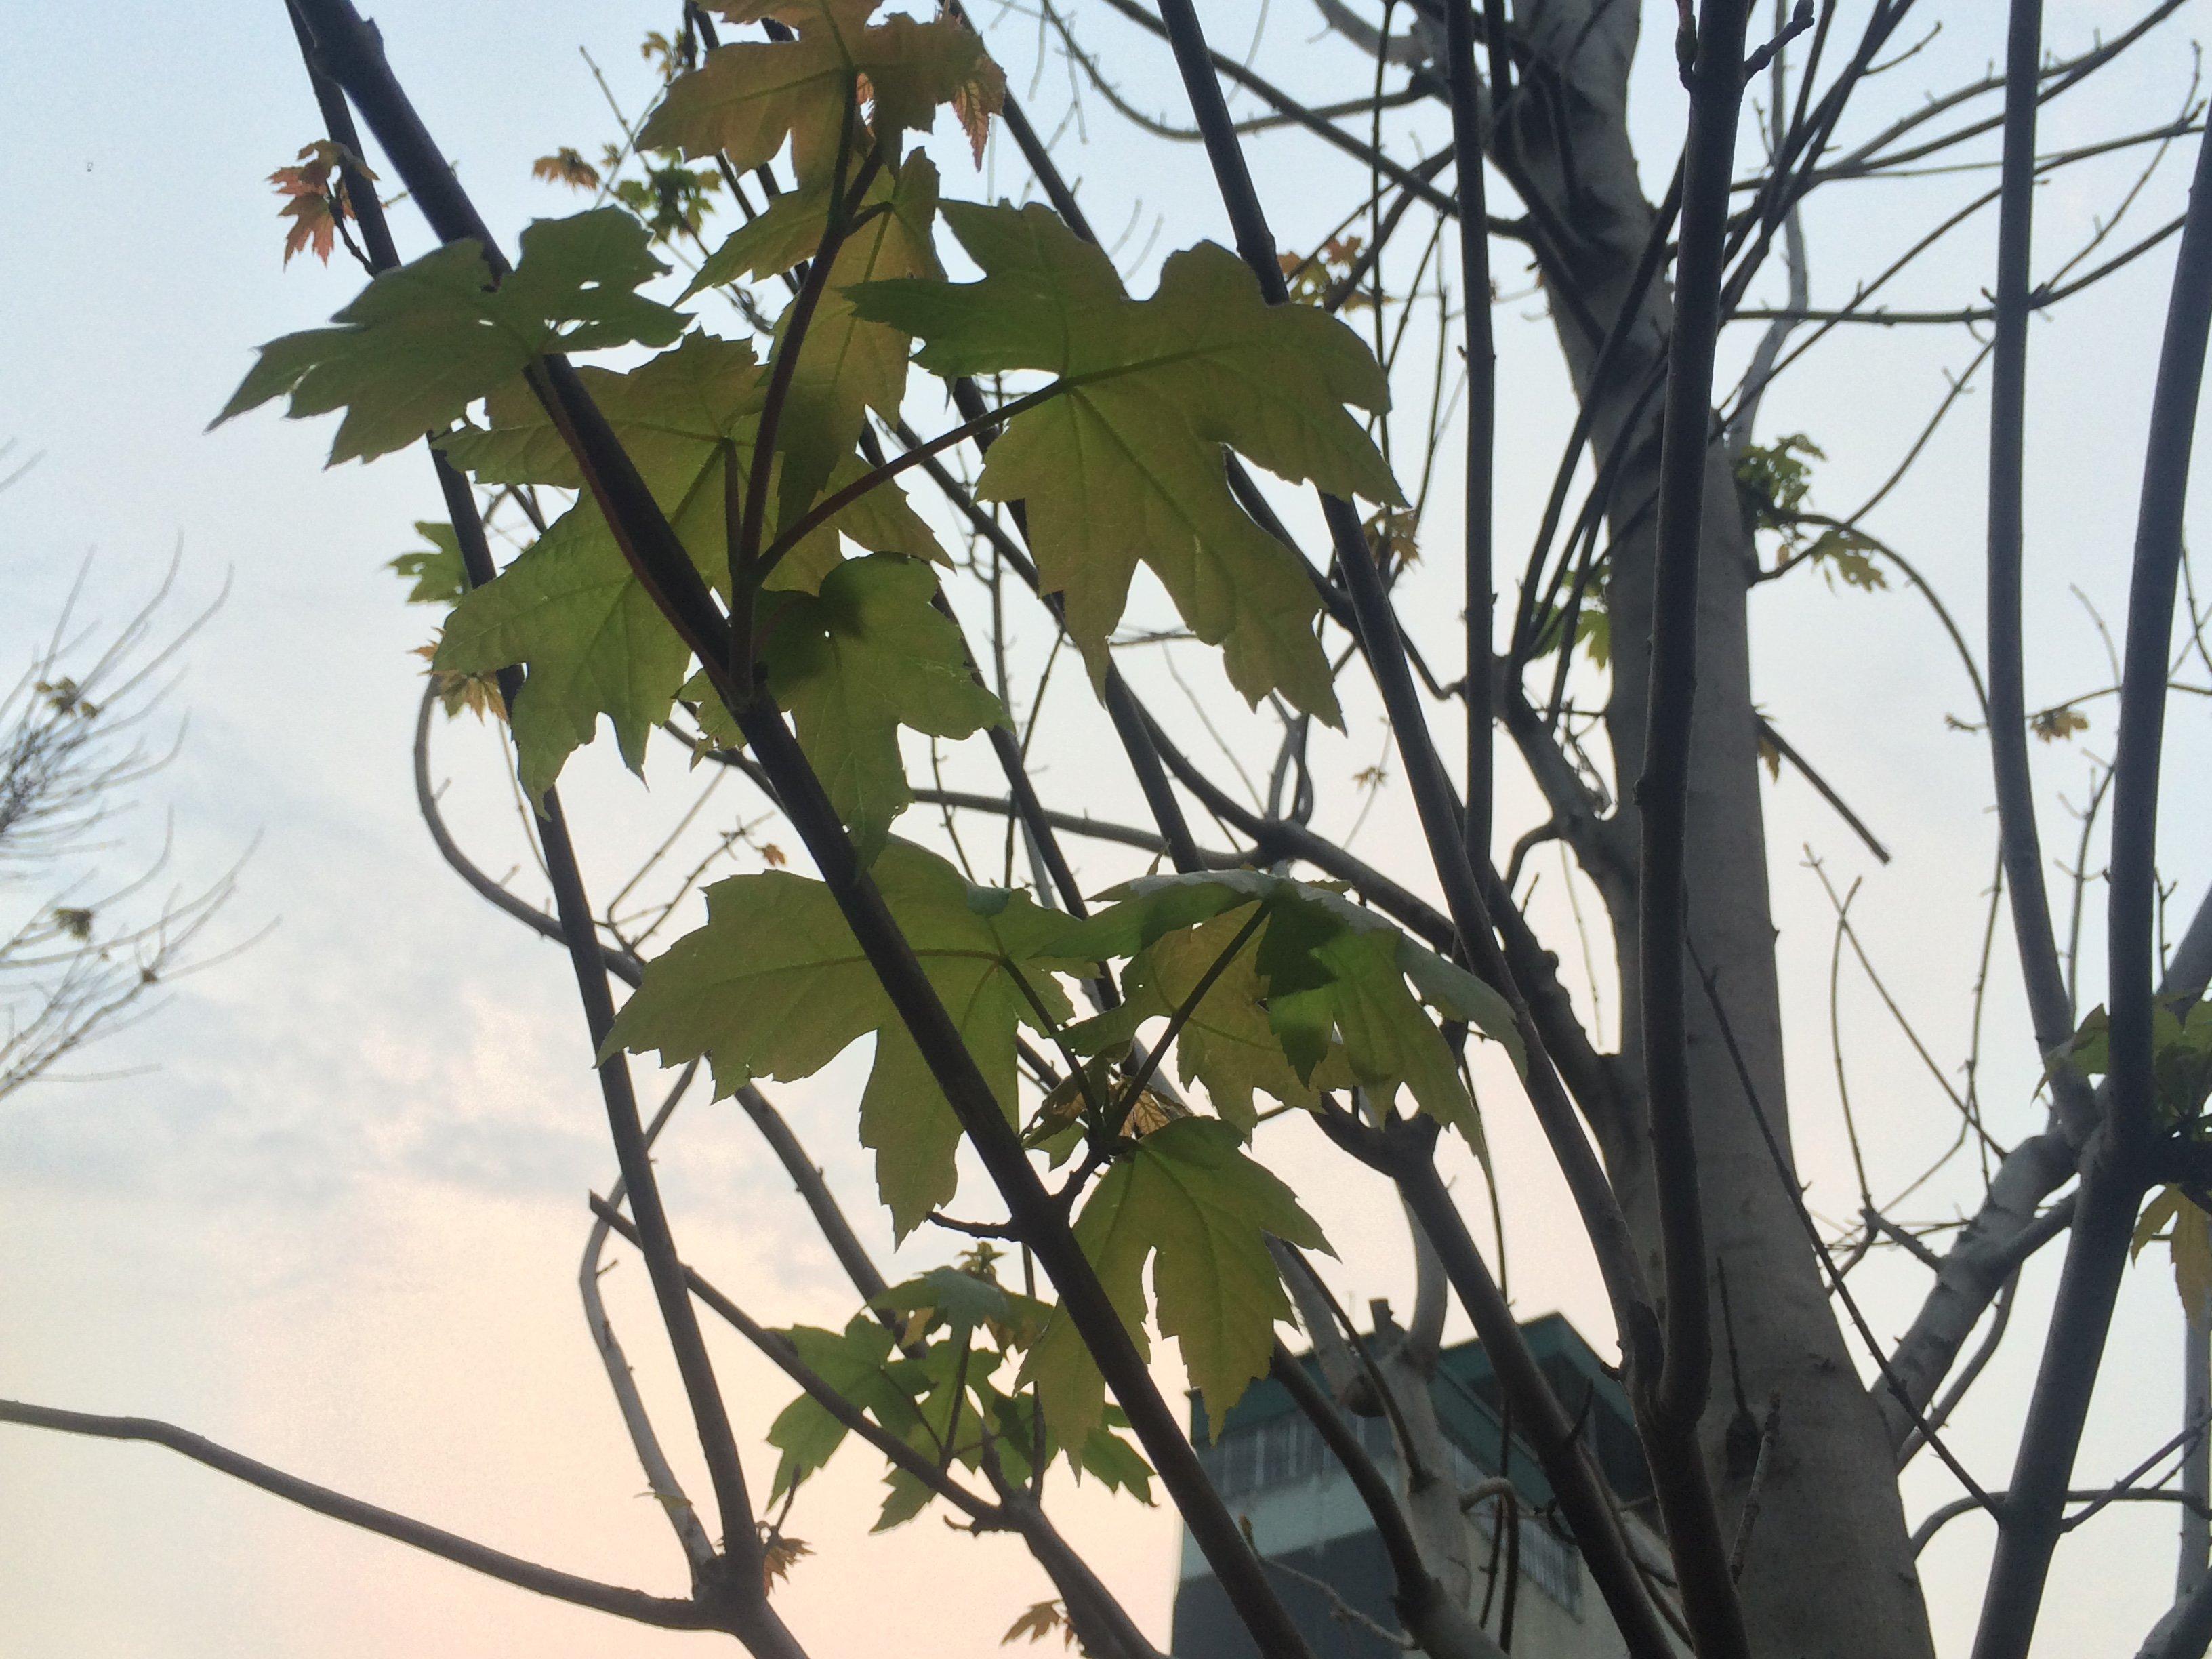 Hàng phong lá đỏ Hà Nội 'bung lụa' sau thời gian ngủ đông 5